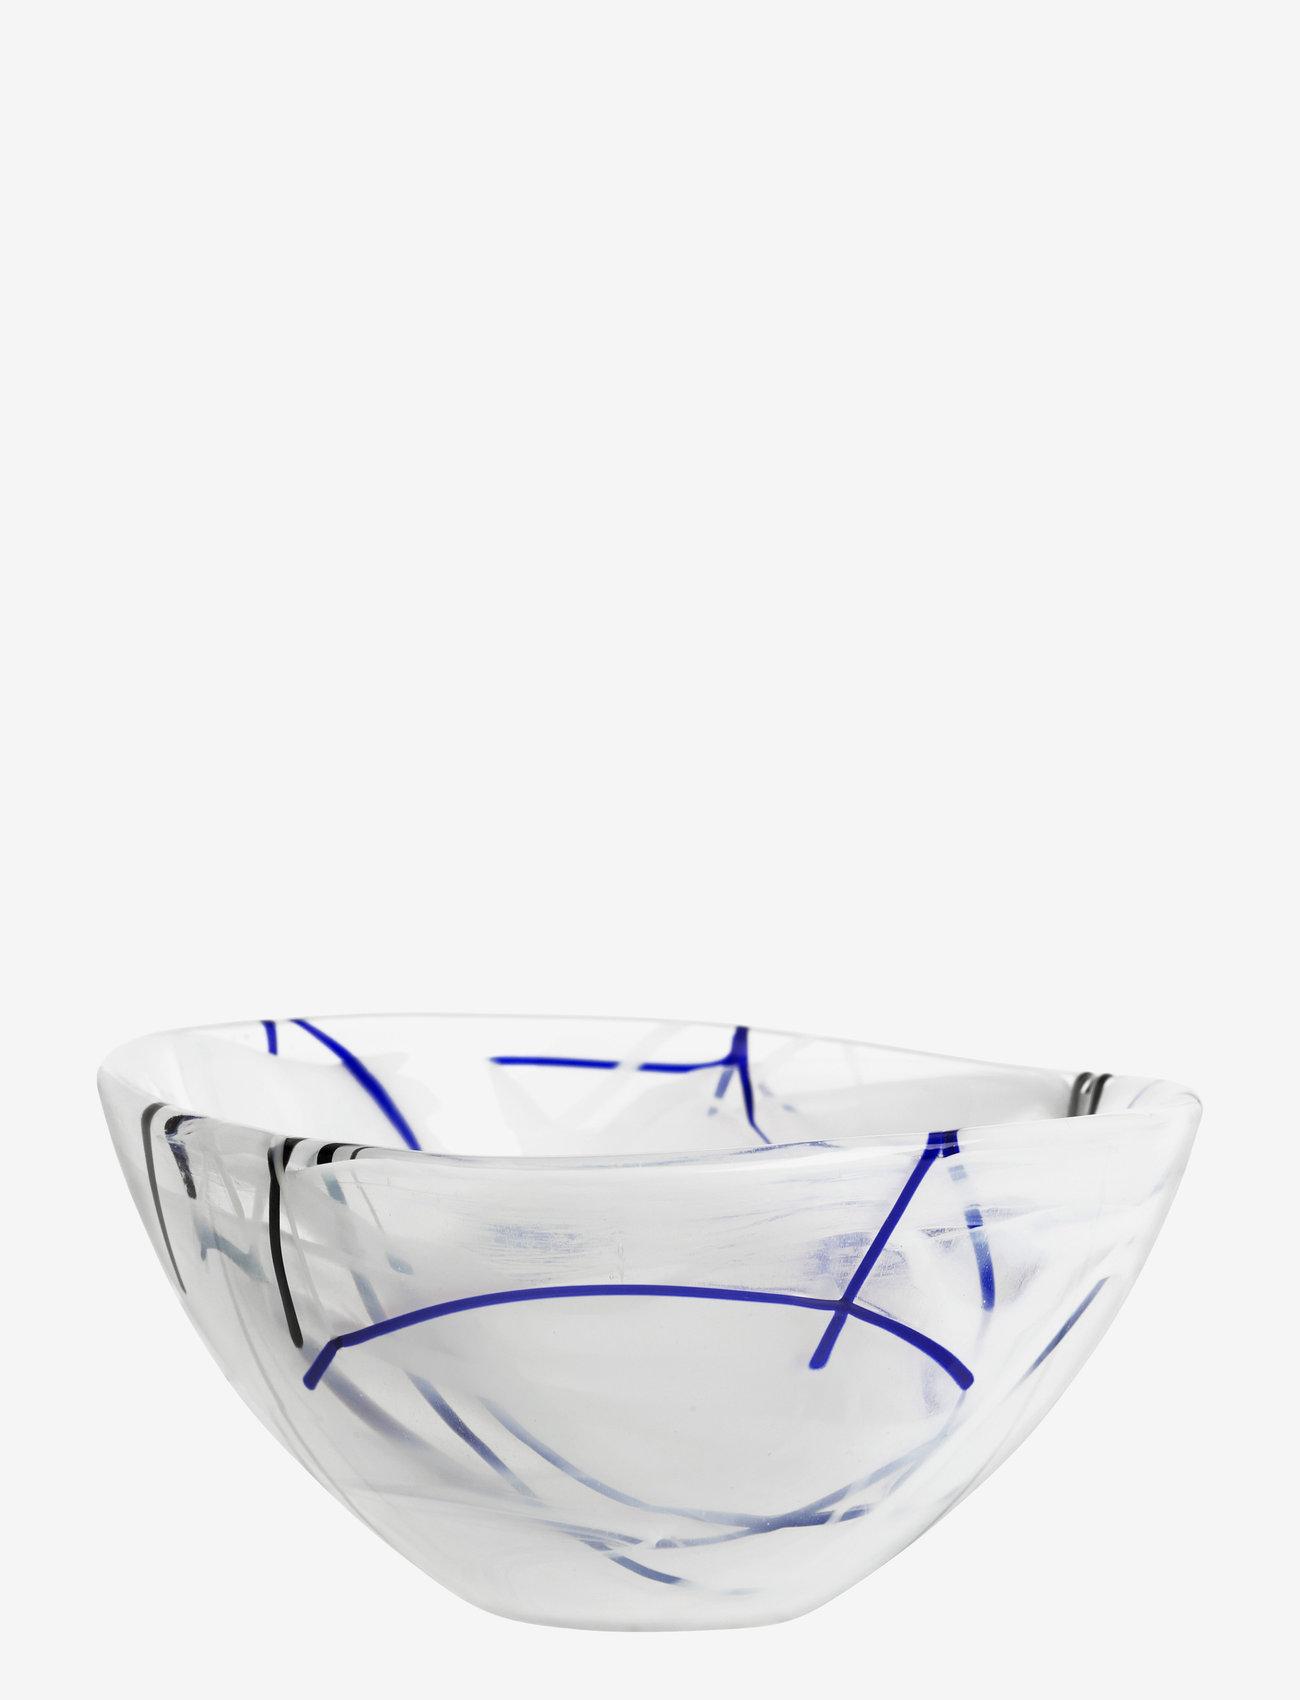 Kosta Boda - CONTRAST WHITE BOWL D 160MM - osta hinnan perusteella - white - 0